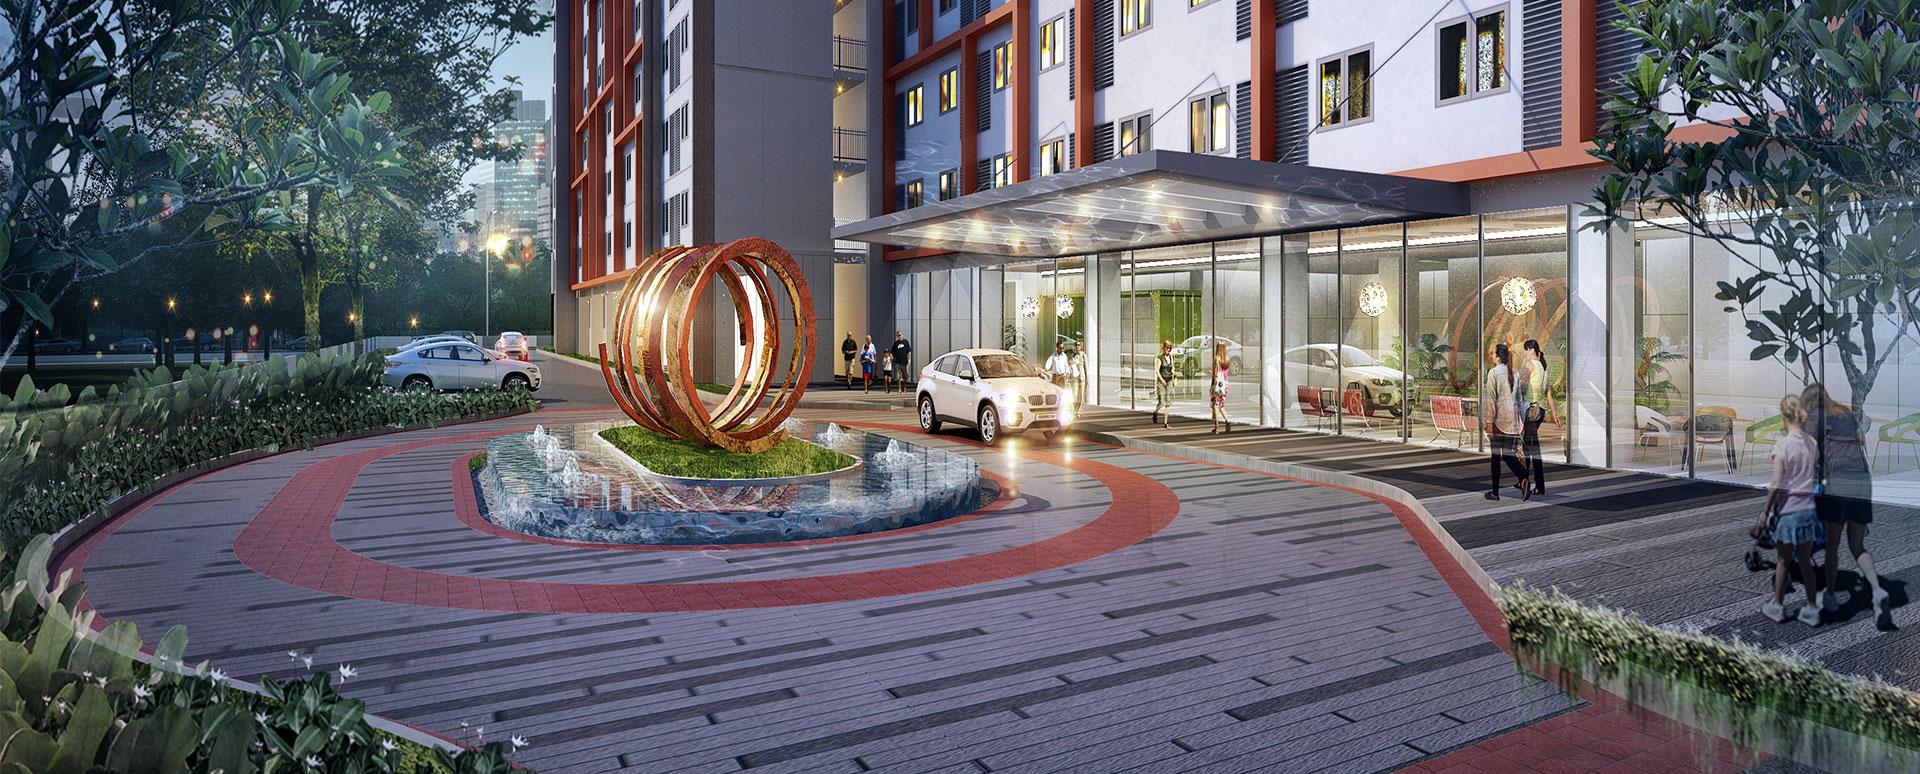 5 Langkah Aman Dalam Memilih Investasi Apartemen.